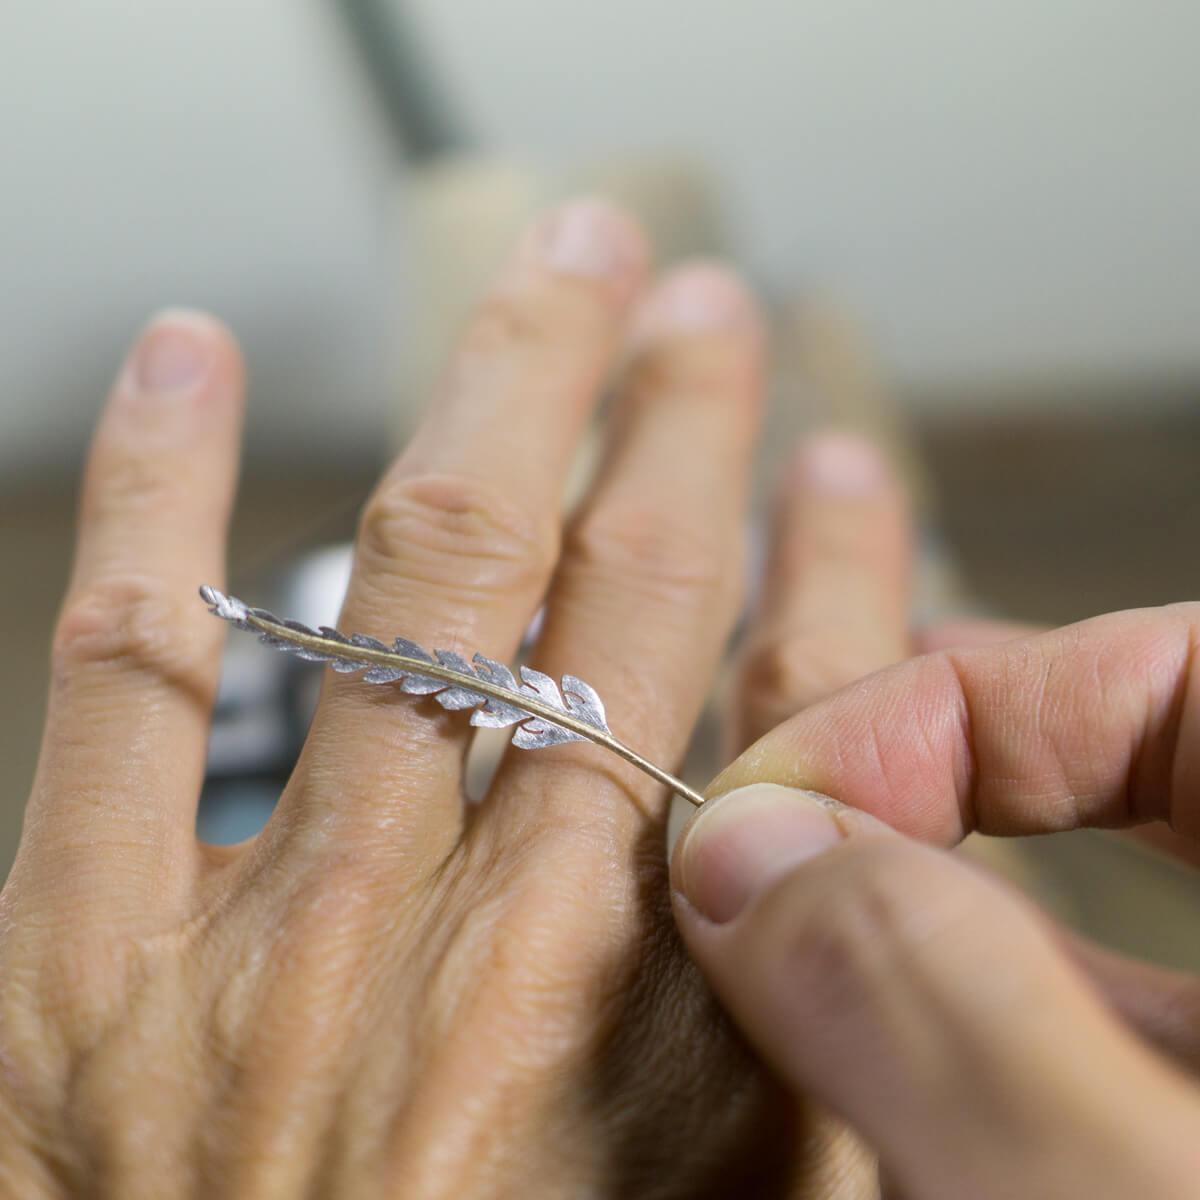 オーダーメイドエンゲージリングの制作風景 ジュエリーのアトリエ シダの指輪 手に当てる 屋久島でつくる結婚指輪 プラチナ、ゴールド